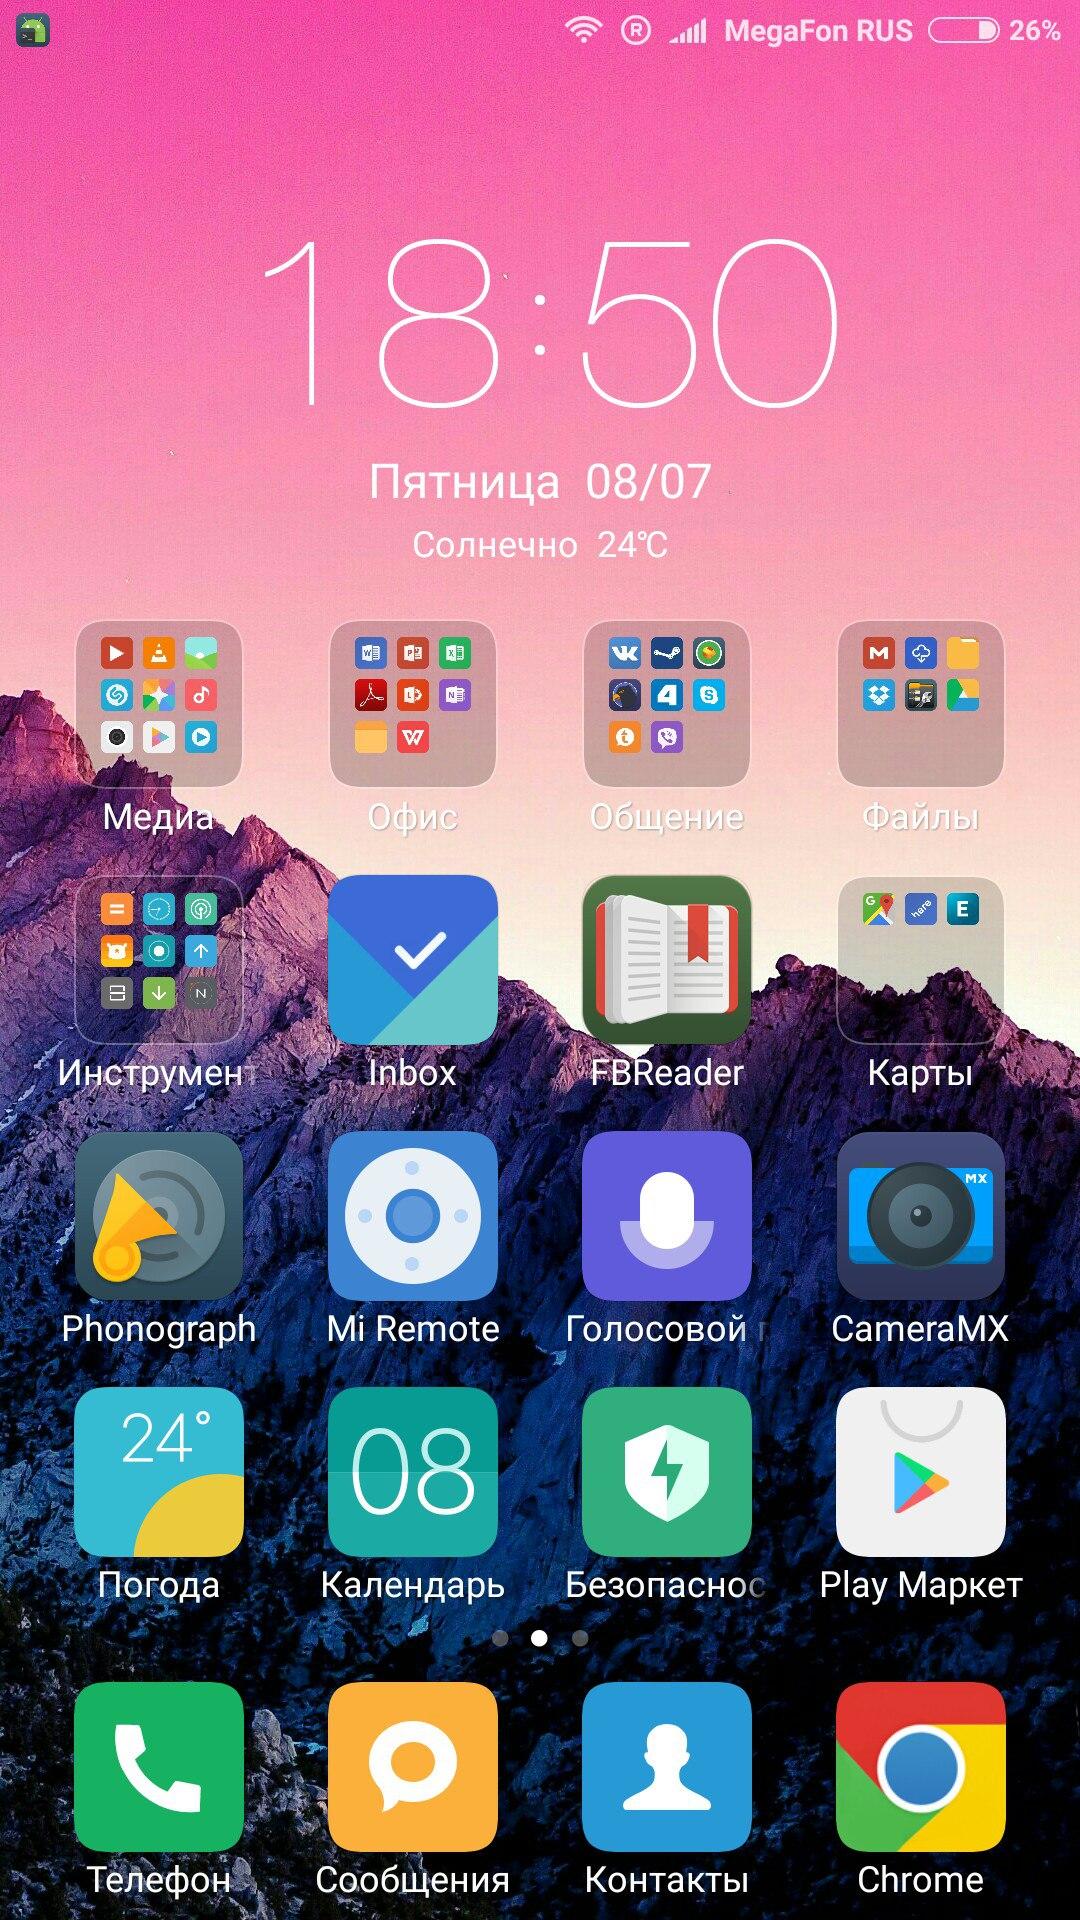 Скриншот на андроиде как сделать сяоми